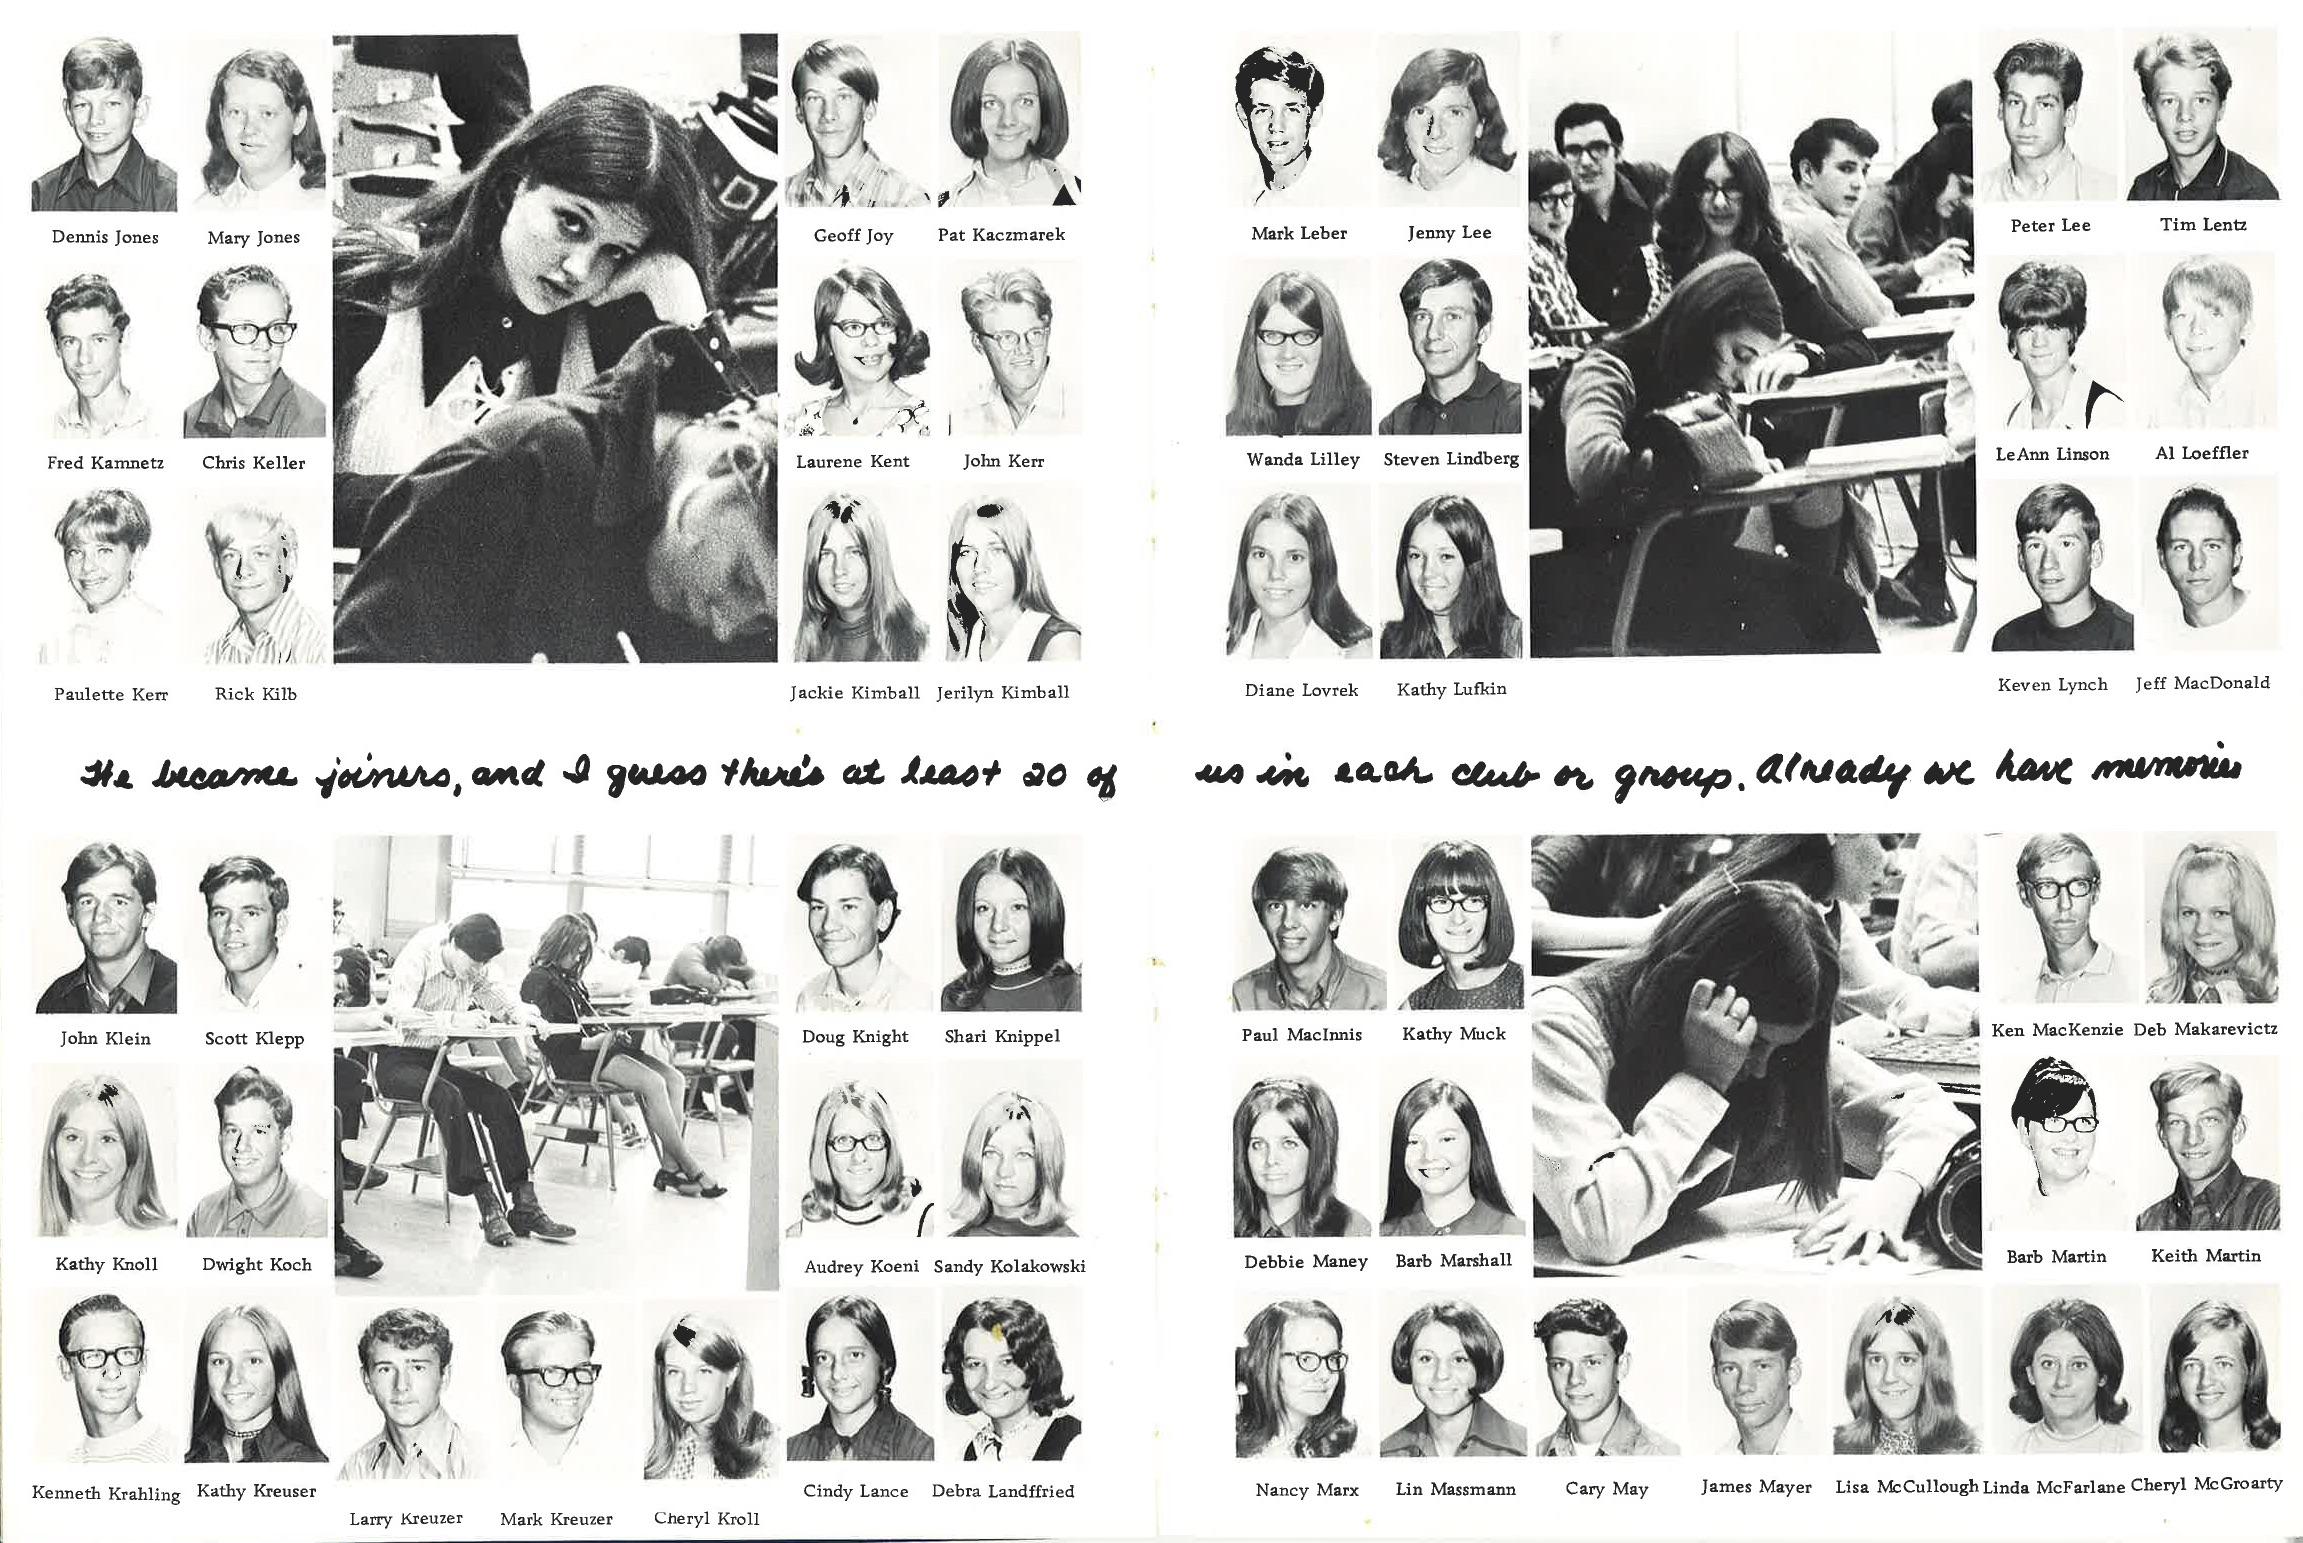 1971_Yearbook_42-43.jpg